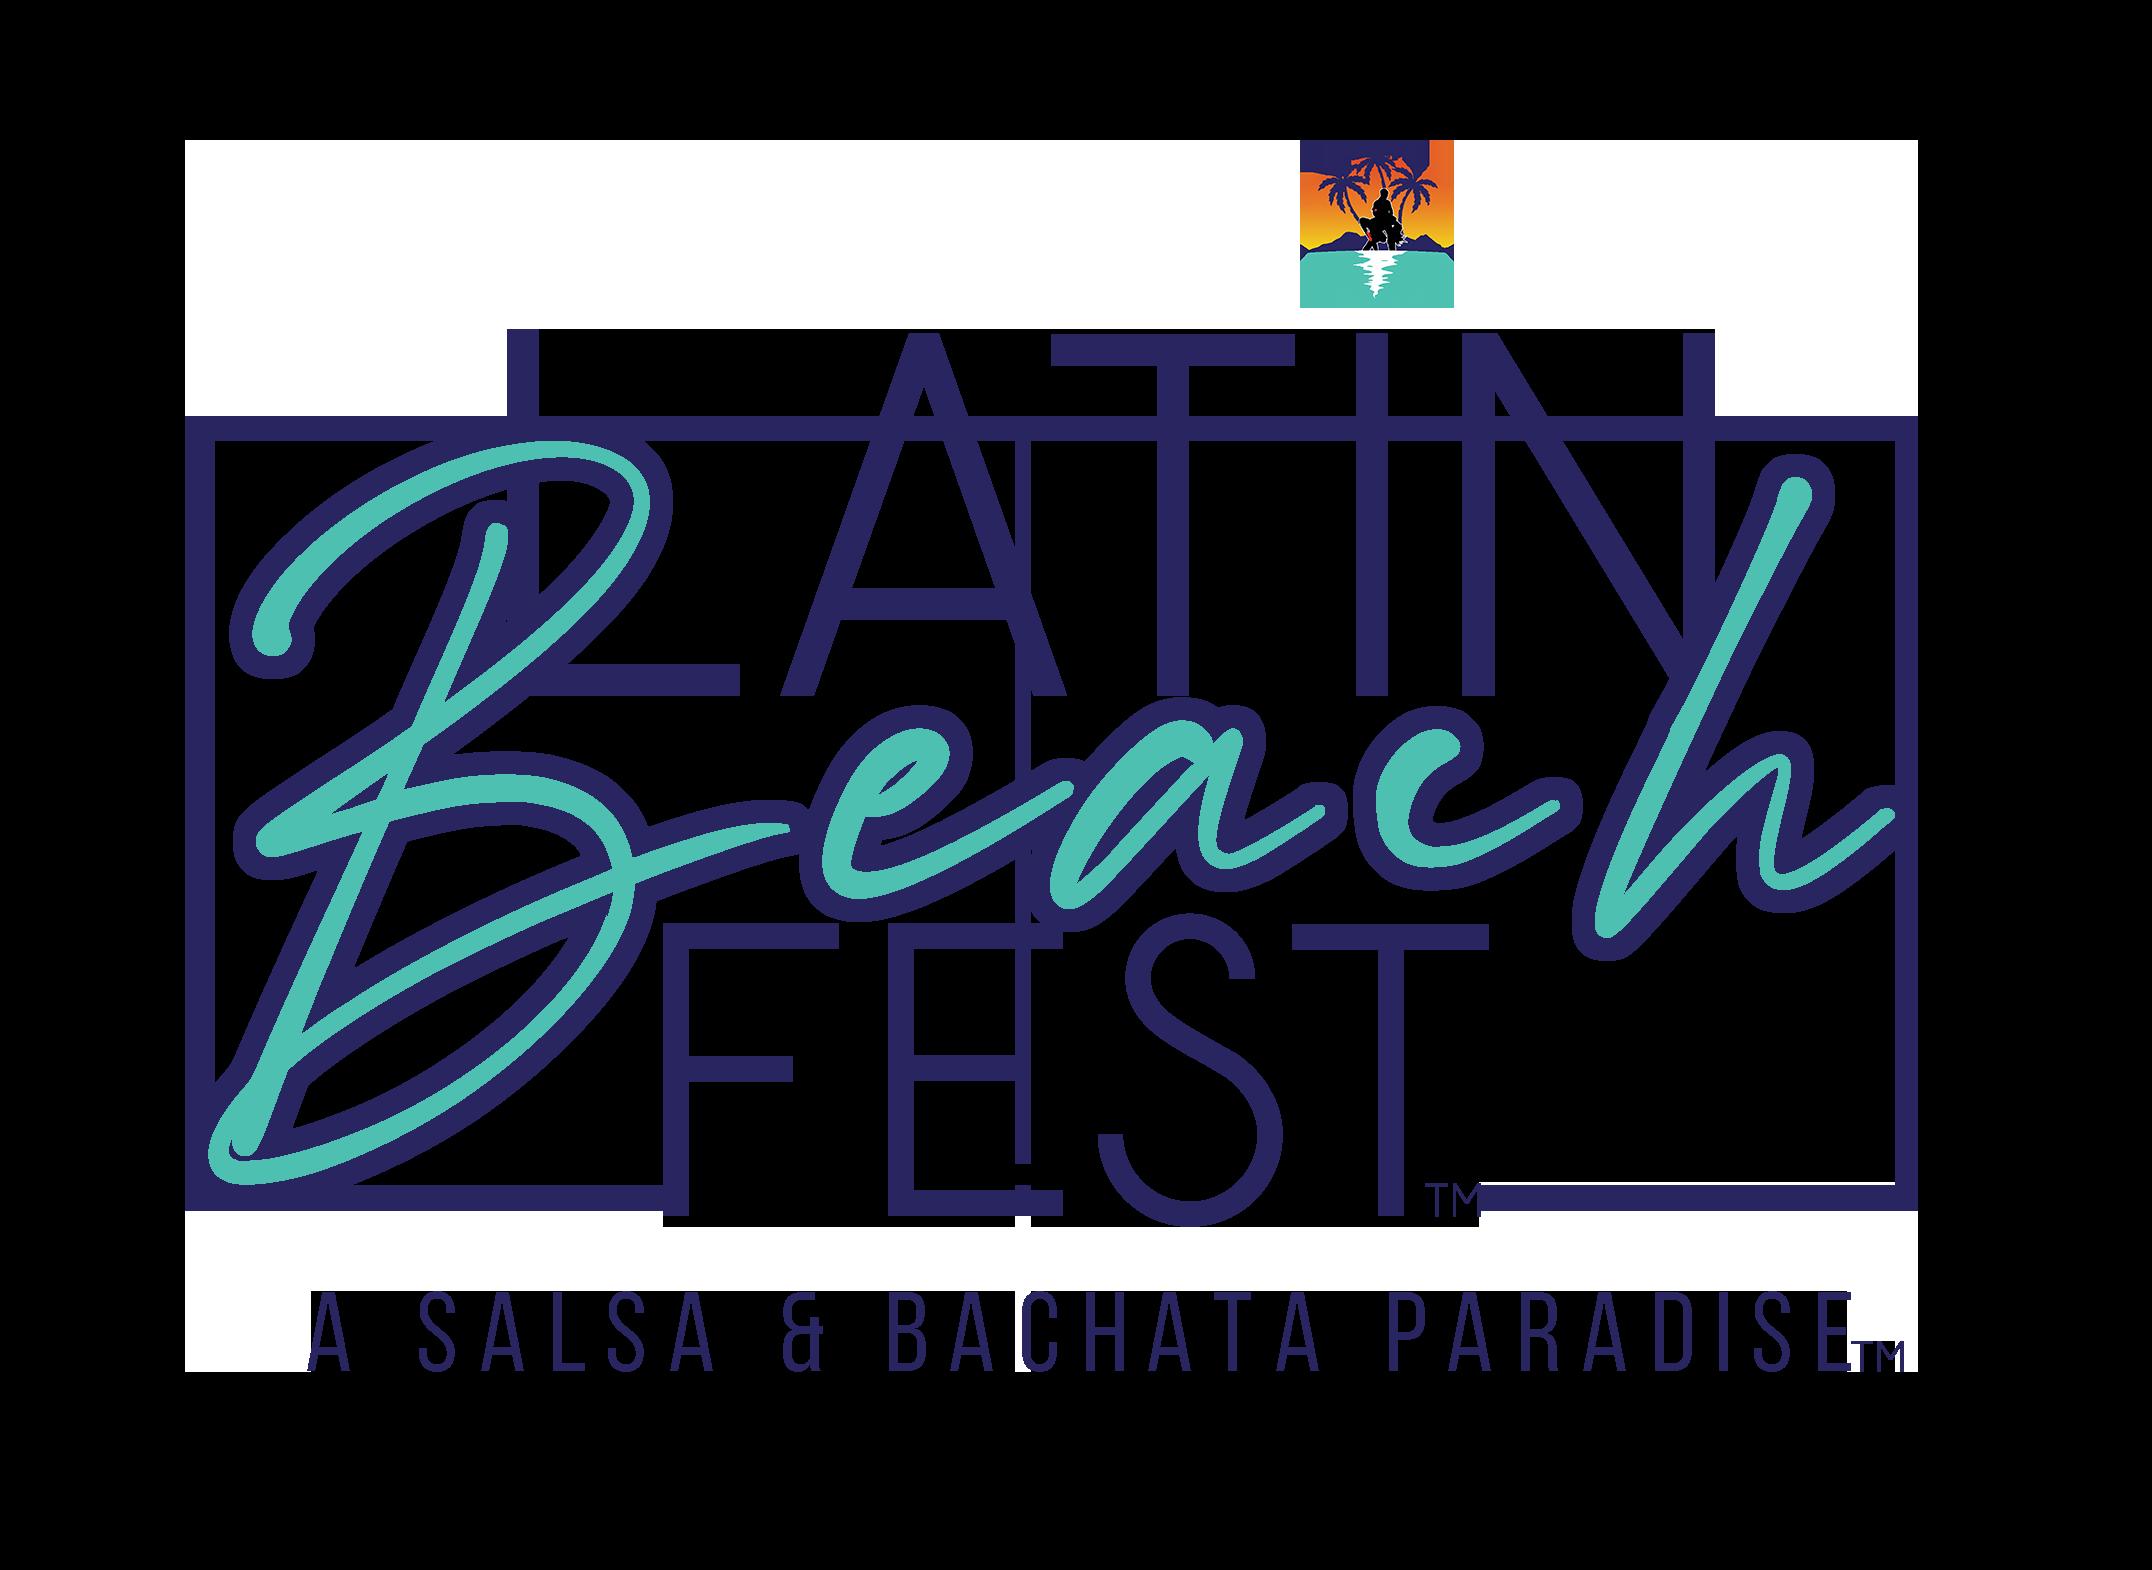 Latin Beach Fest™️ Punta Cana A Salsa & Bachata Paradise